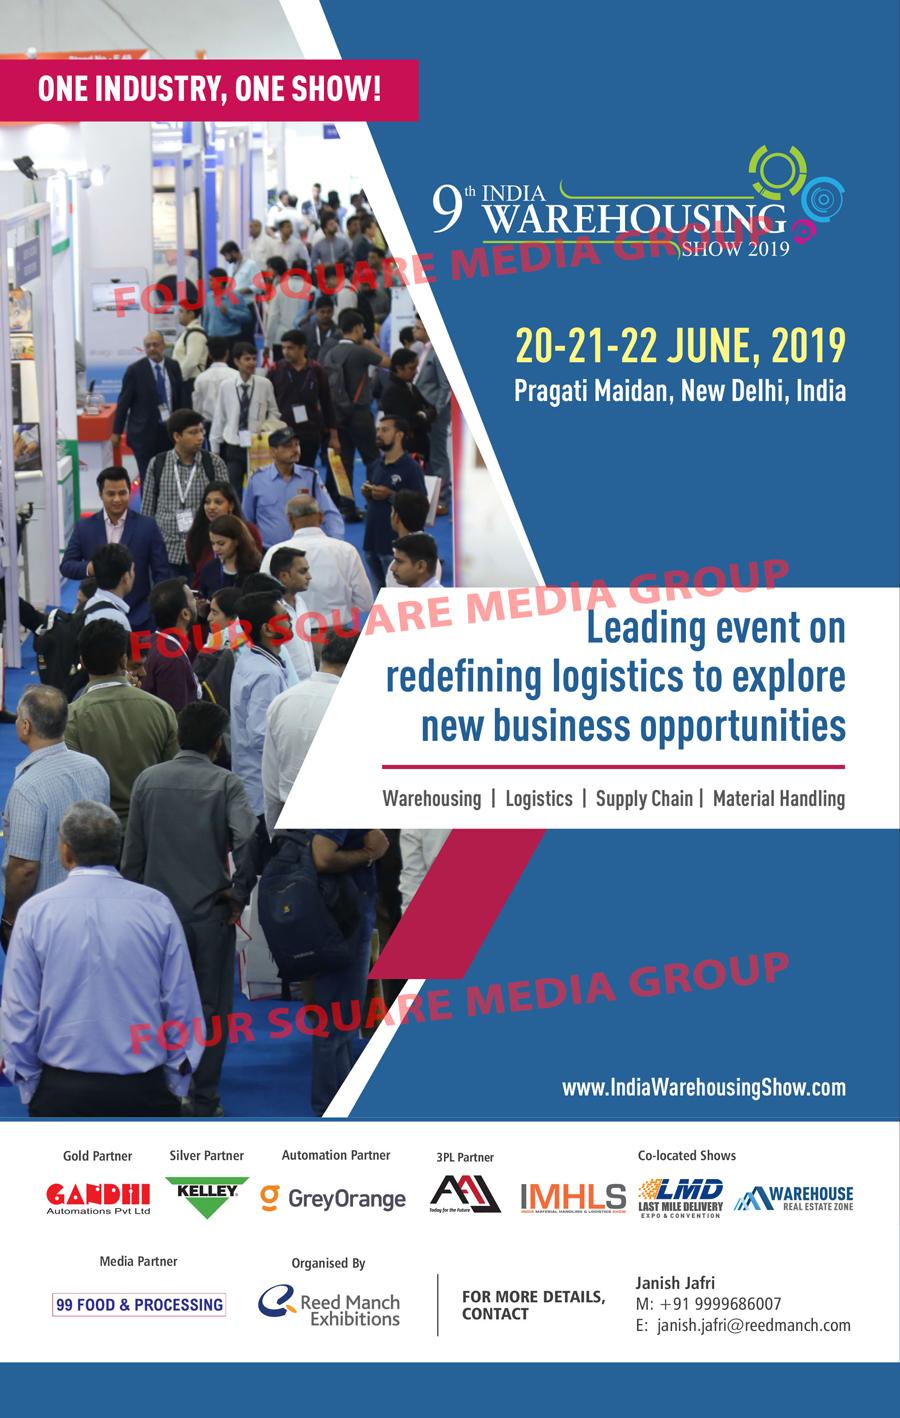 India Warehousing Show 2019, Manufacturers in Delhi